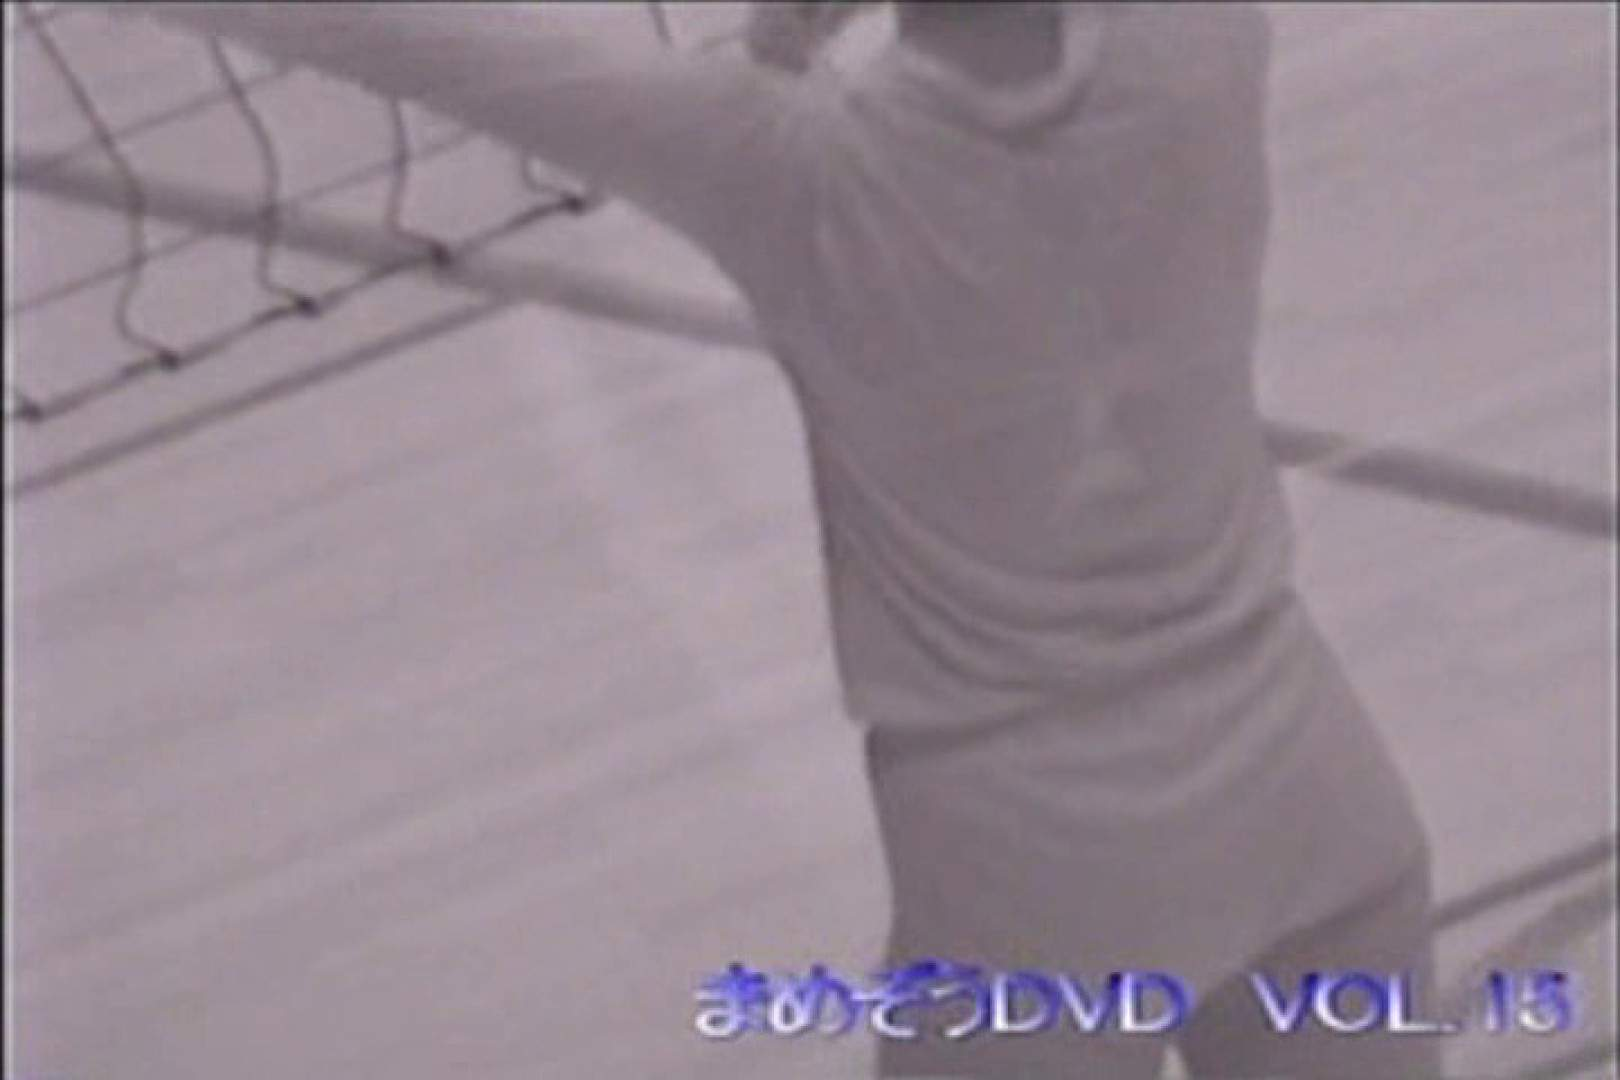 巨乳 乳首:まめぞうDVD完全版VOL.15:怪盗ジョーカー